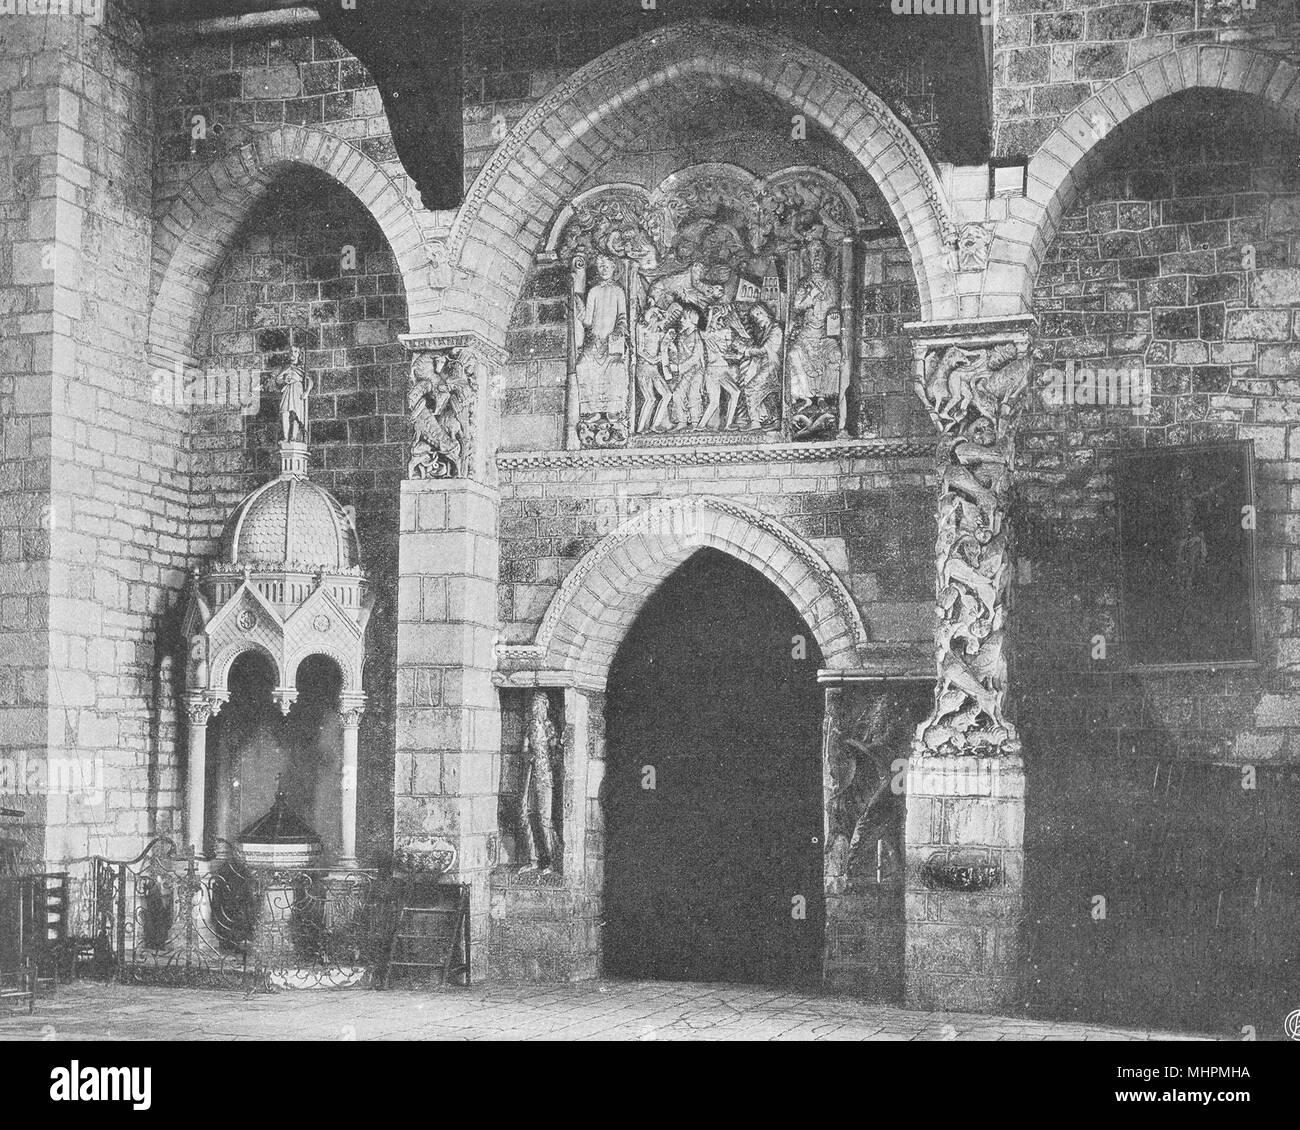 Viel. Souillac - Intérieur de I'église 1904 alte antike vintage Bild drucken Stockbild